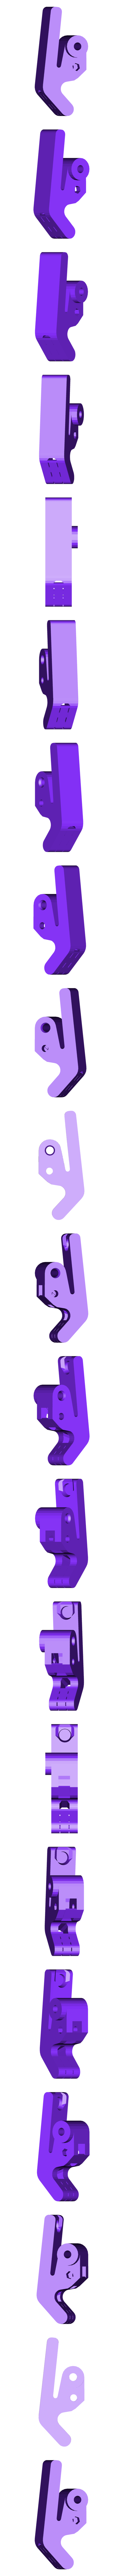 dasaki_CDDE_LEFT_guide_B.stl Télécharger fichier STL gratuit Extrudeuse Dasaki Compact Direct Drive pour Prusa i3 (engrenage d'entraînement MK7) • Objet pour imprimante 3D, dasaki